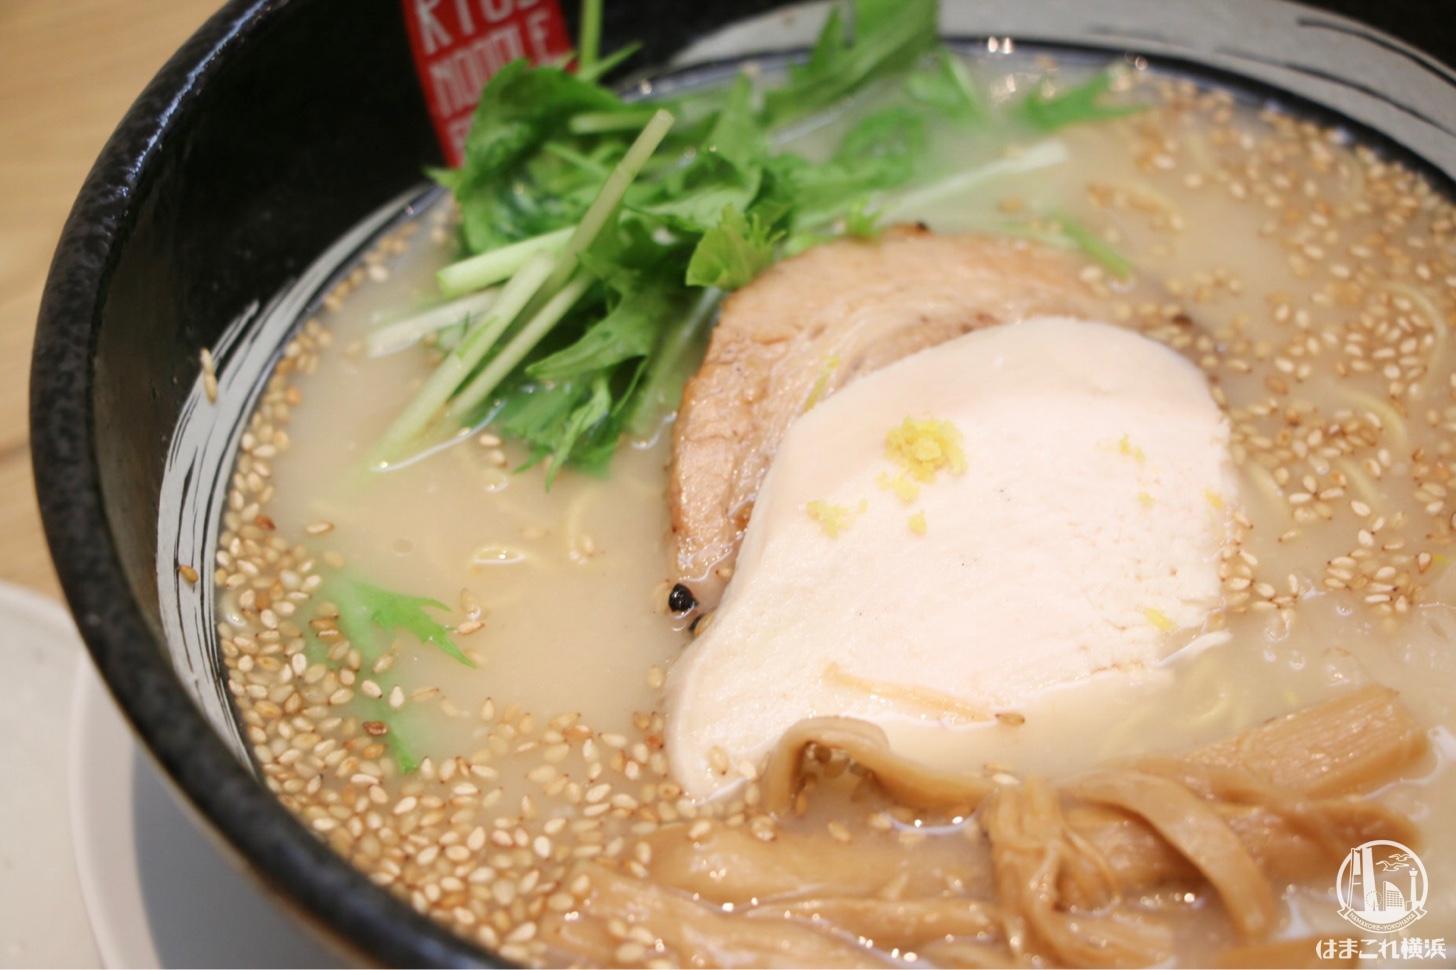 RYUS鶏白湯ラーメン 具材